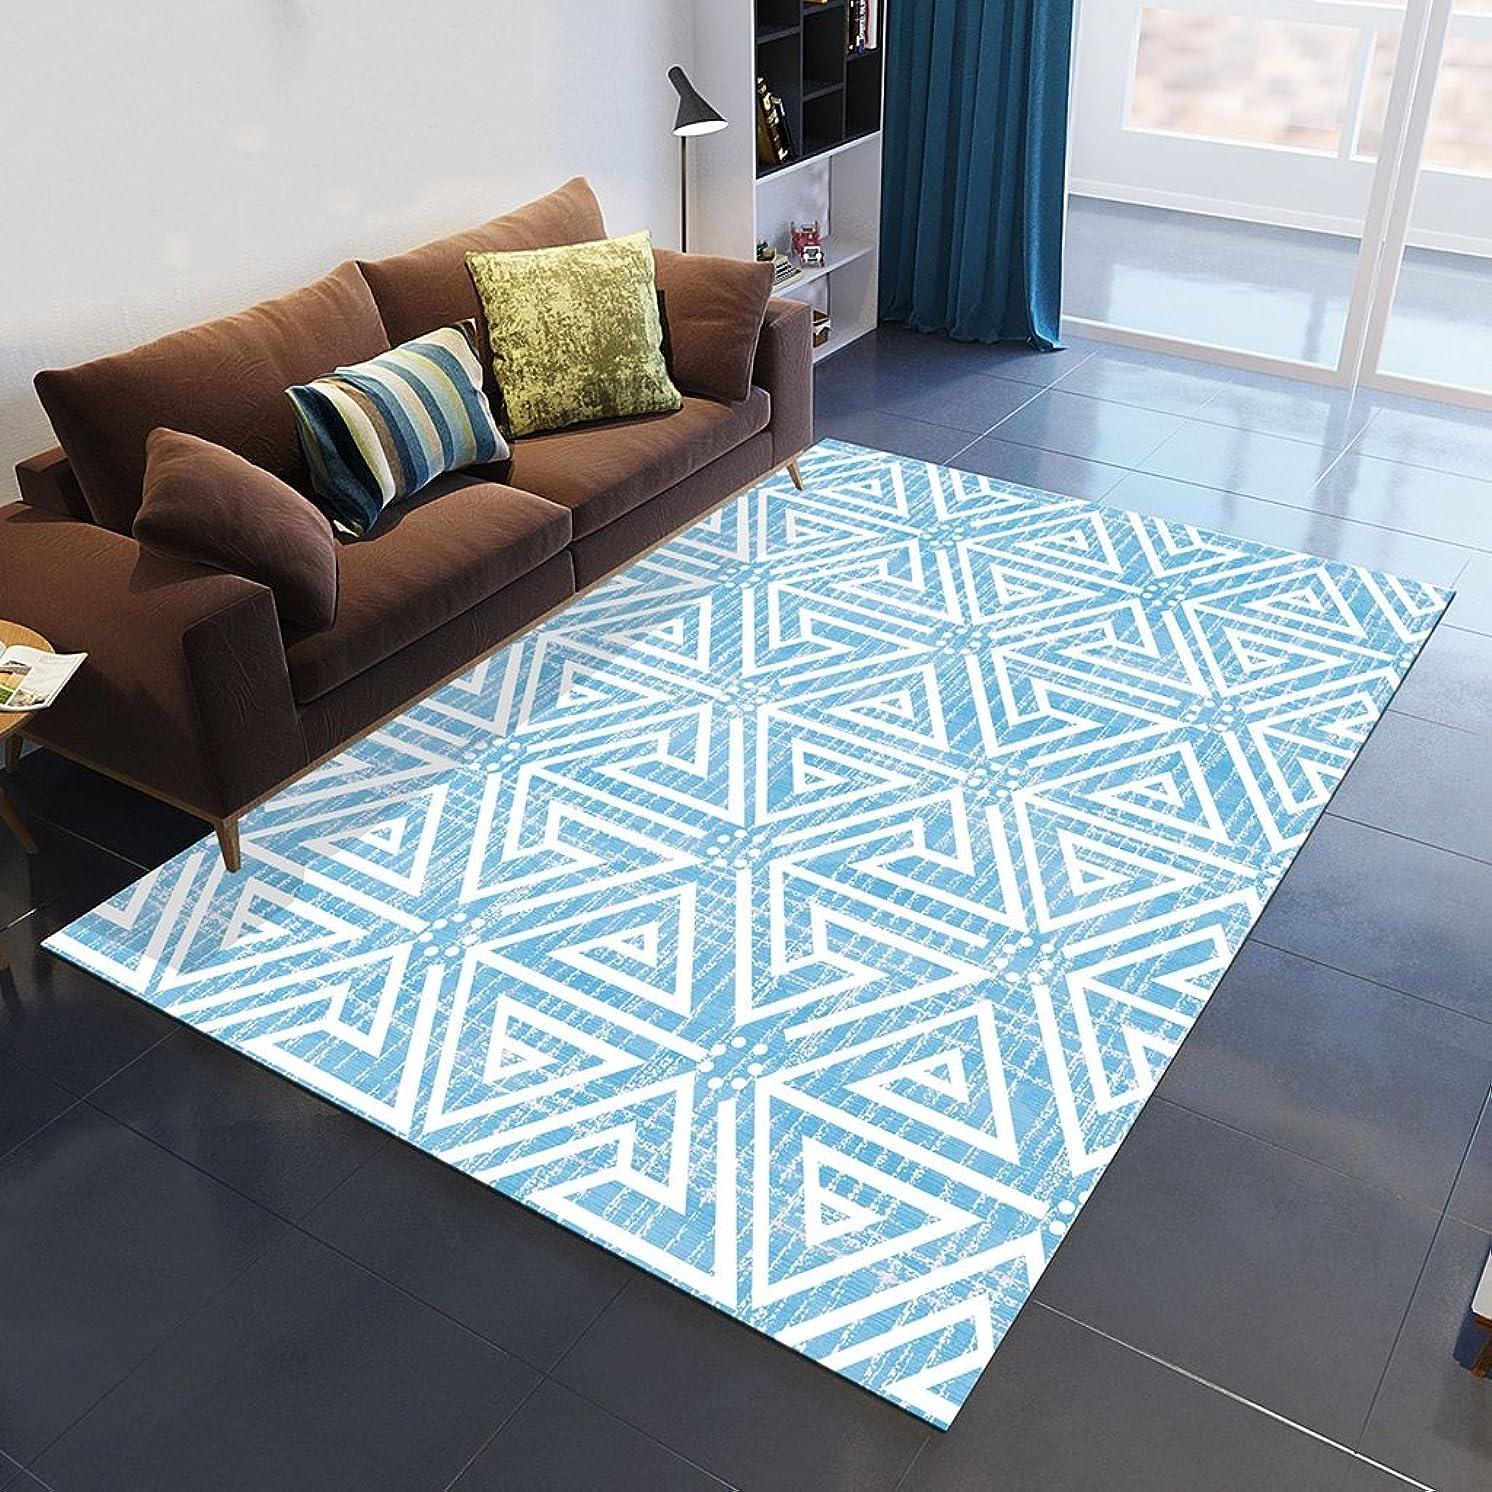 キャベツチャレンジからかうファッションリビングルームソファサイドカーペット北欧ソファコーヒーテーブルカーペット現代のシンプルな幾何学的なカーペットブルー機洗える (Color : 140*200CM)